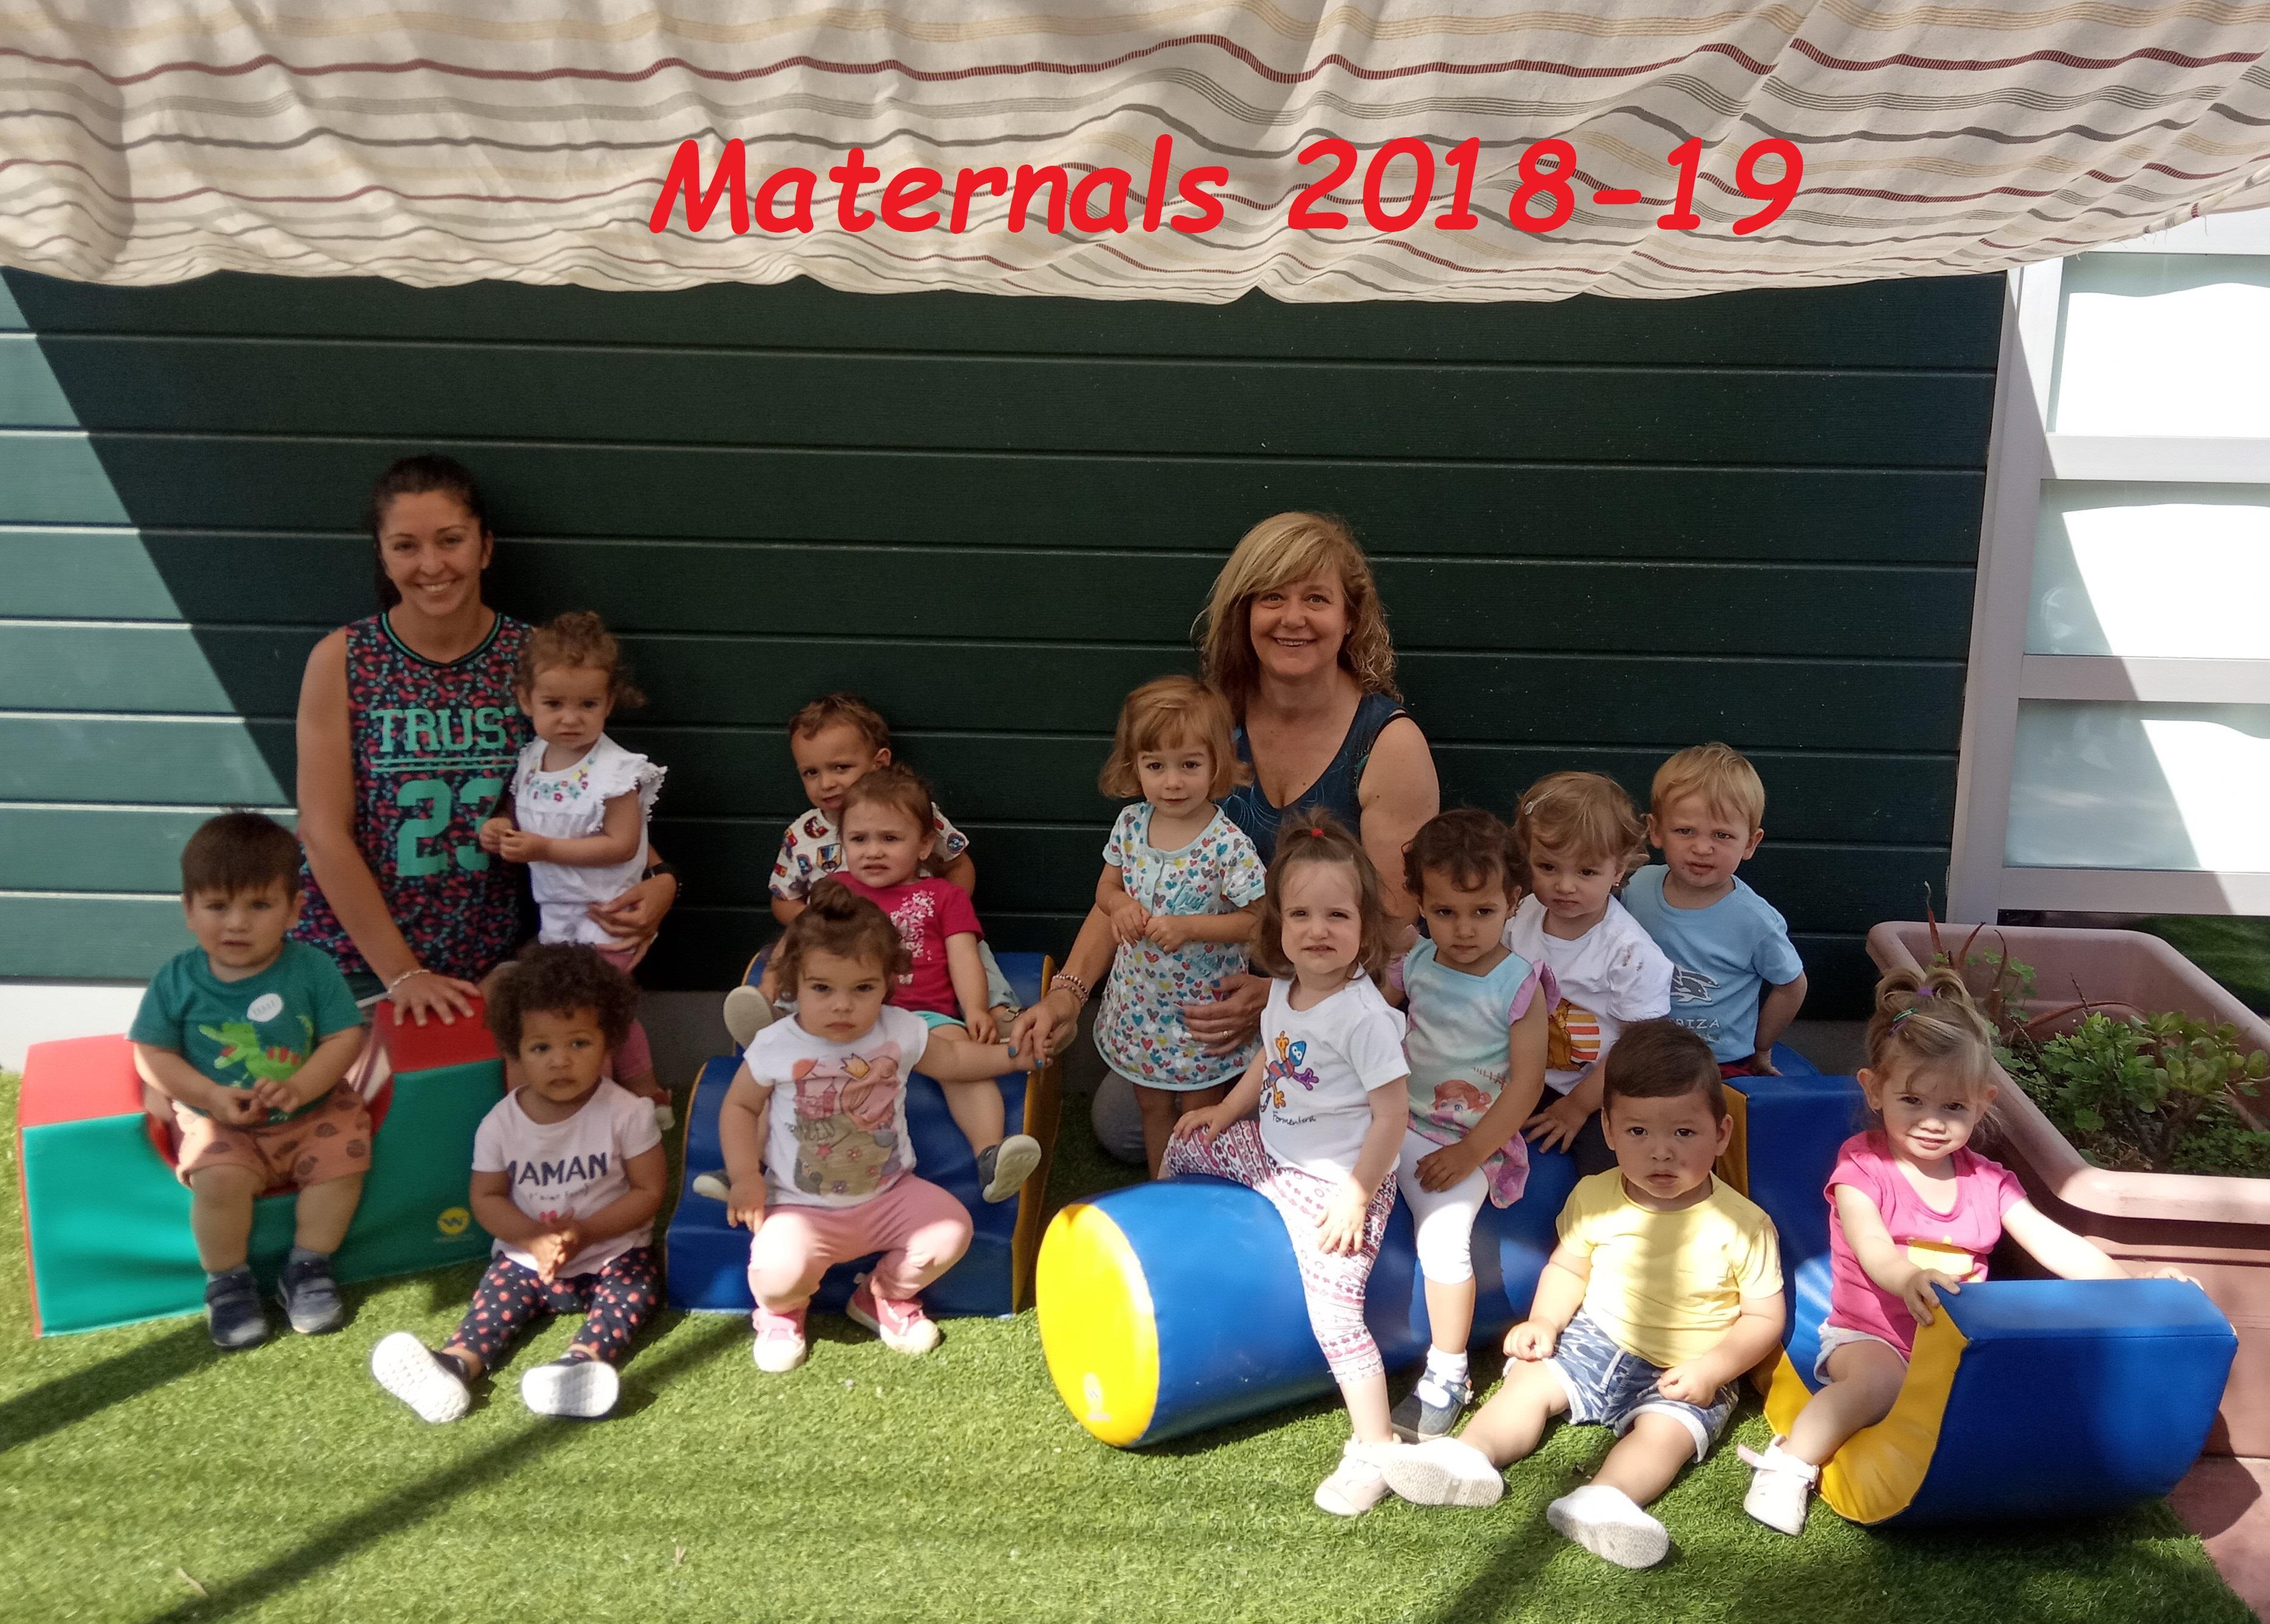 Maternals